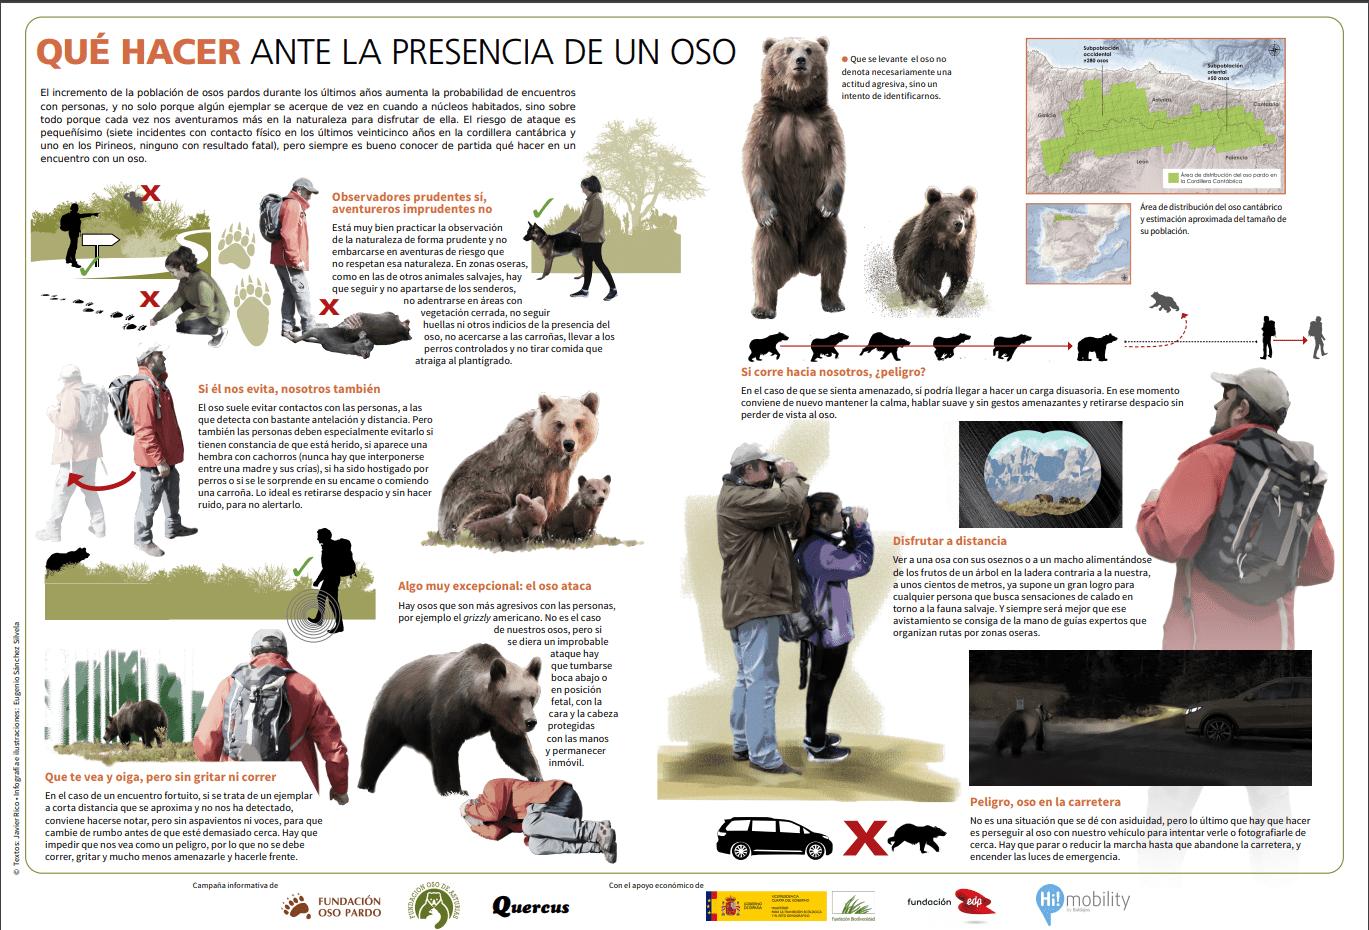 qué hacer ante la presencia encuentro oso